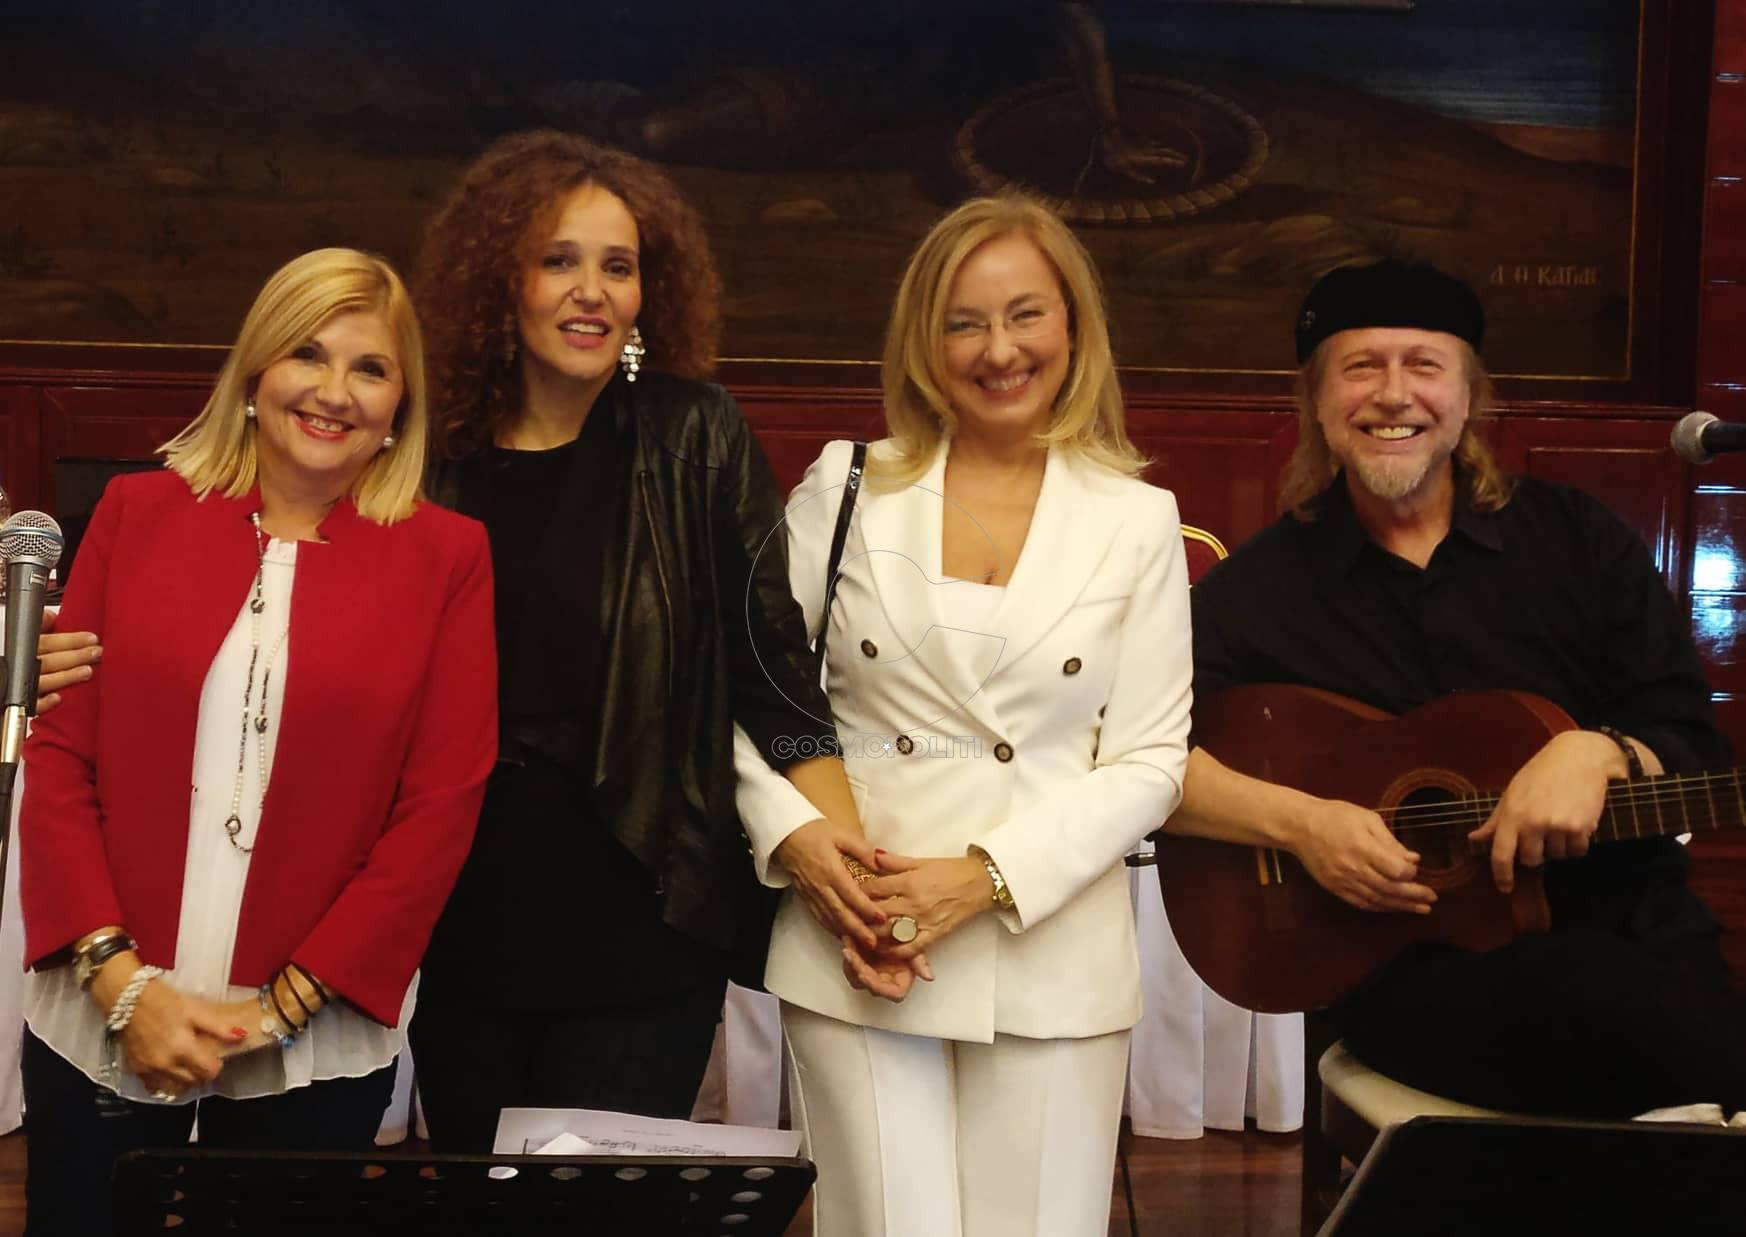 Η αντιπρόεδρος του ΜΑΖΙ με την Εύη Σιαμαντά, την Πρόεδρο του ΜΑΖΙ Αλεξάνδρα Γωγούση και τον Κωνσταντίνο Φαλκώνη